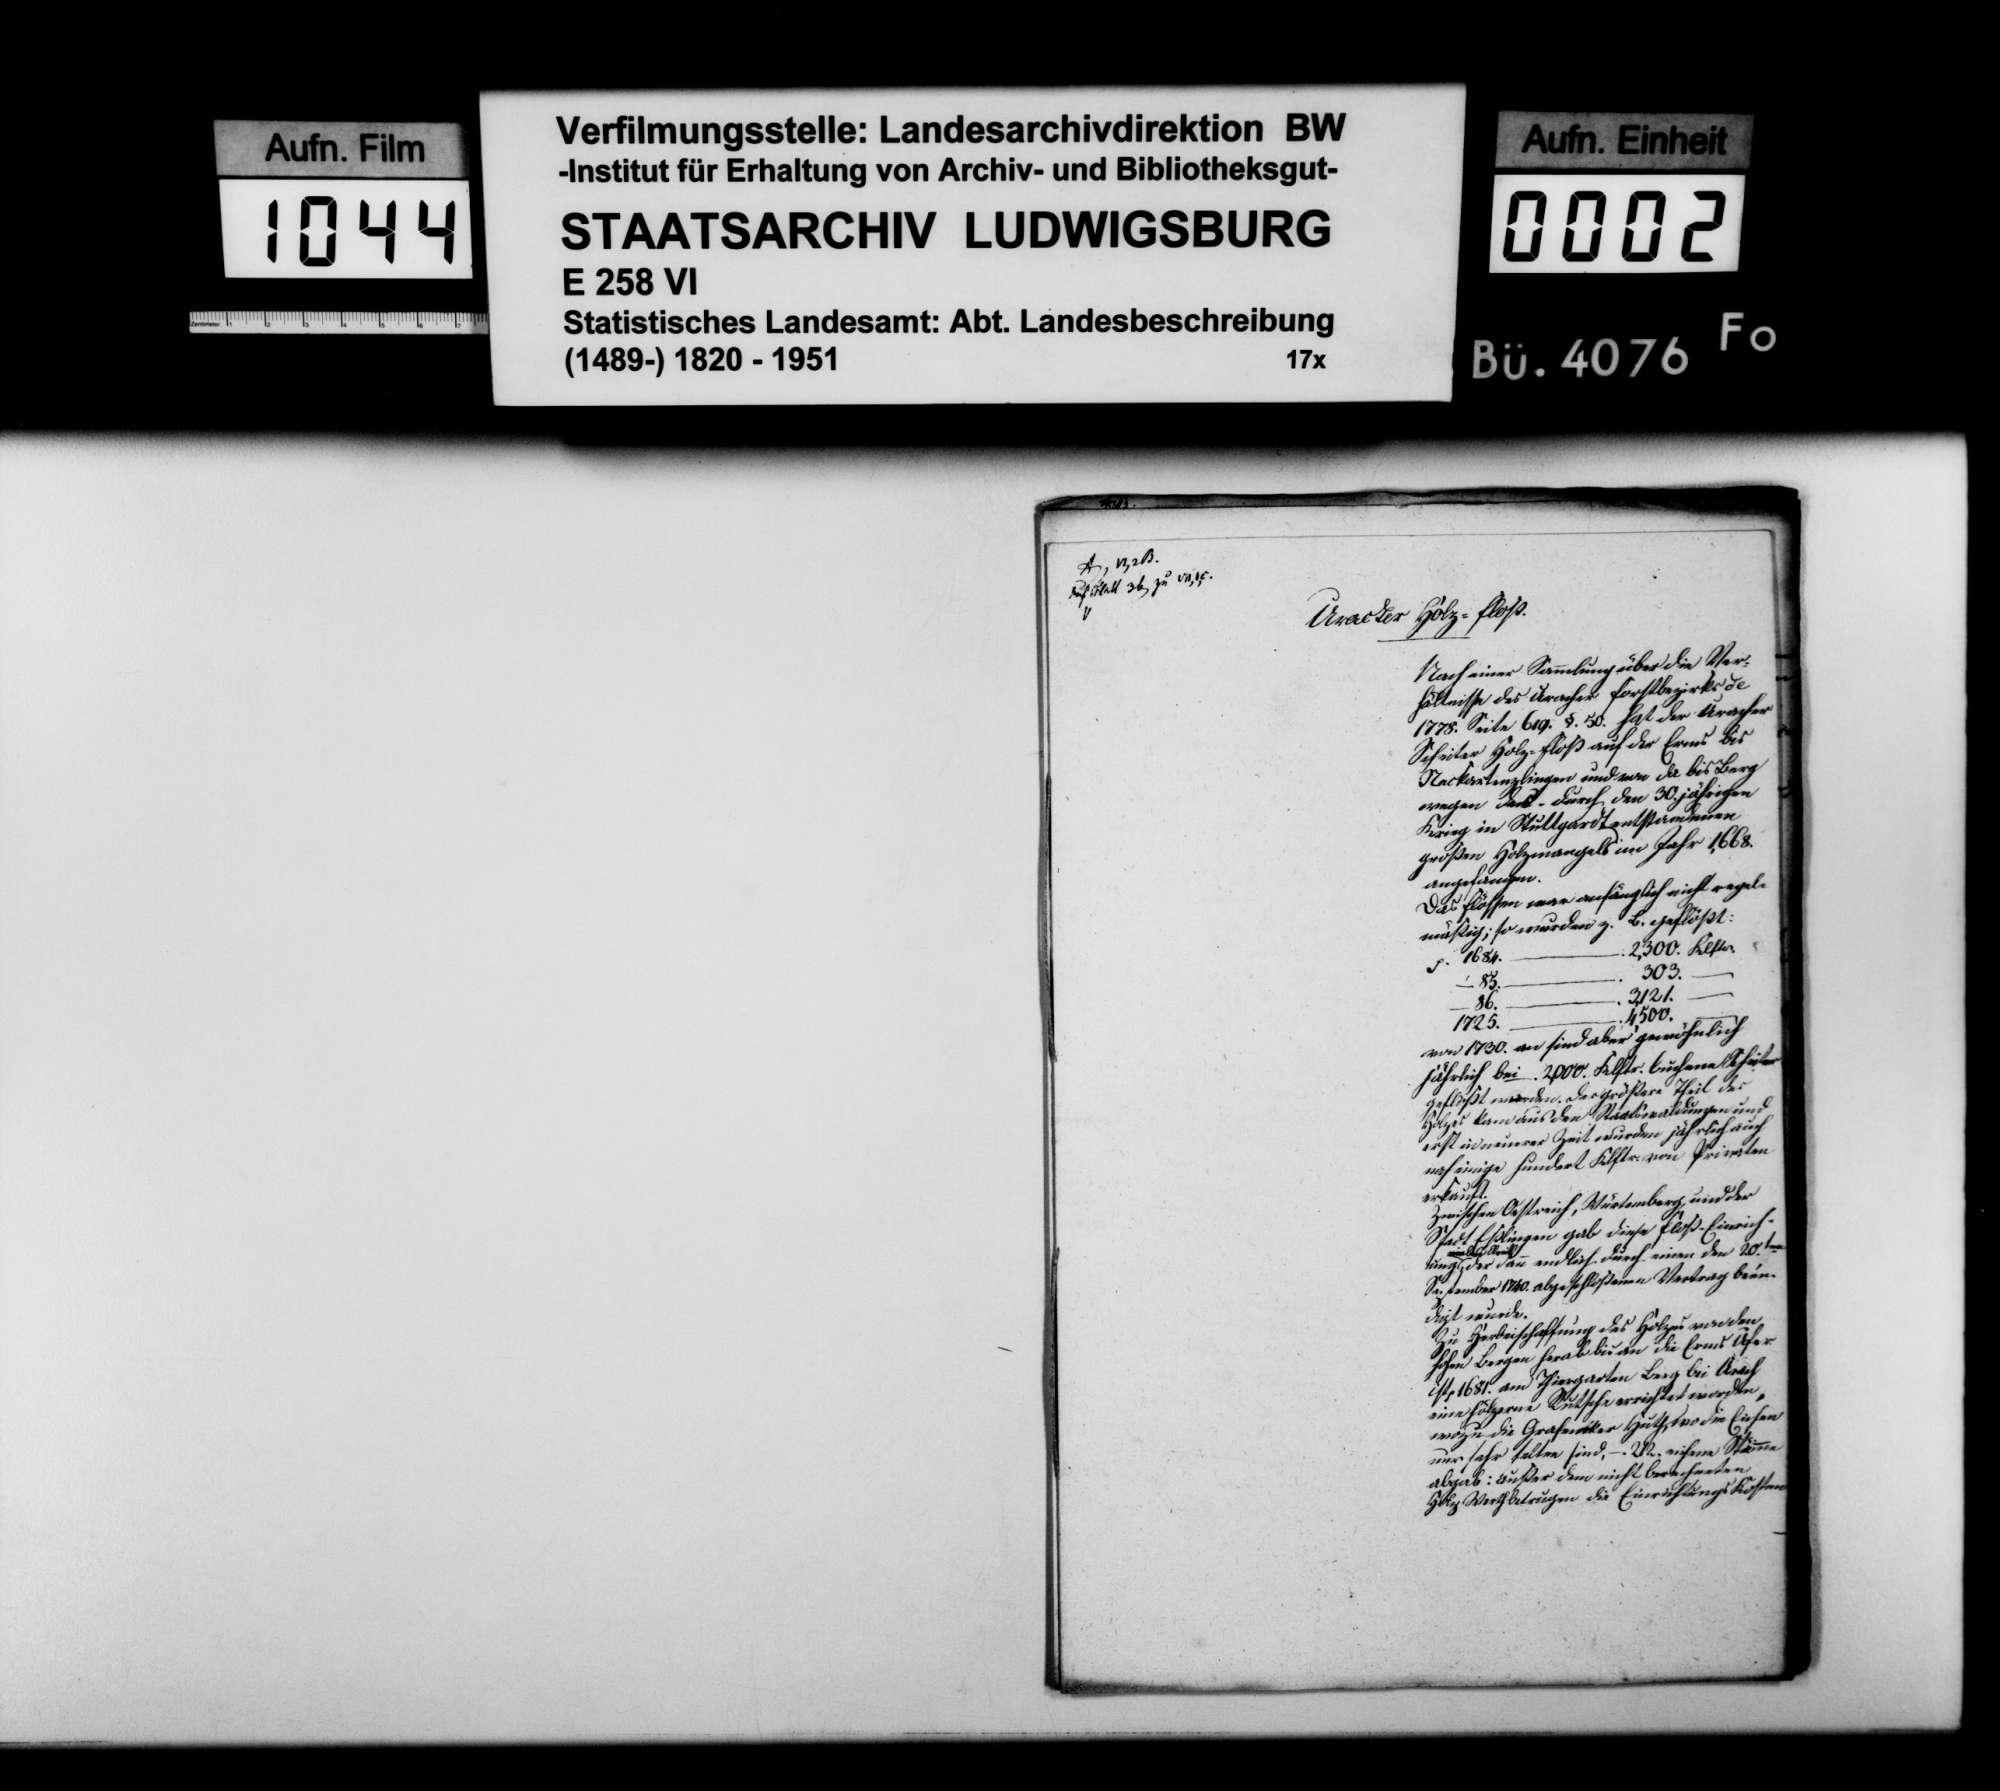 Abhandlungen, Notizen und Manuskriptentwürfe zum Gewerbe im Oberamt, Bild 1